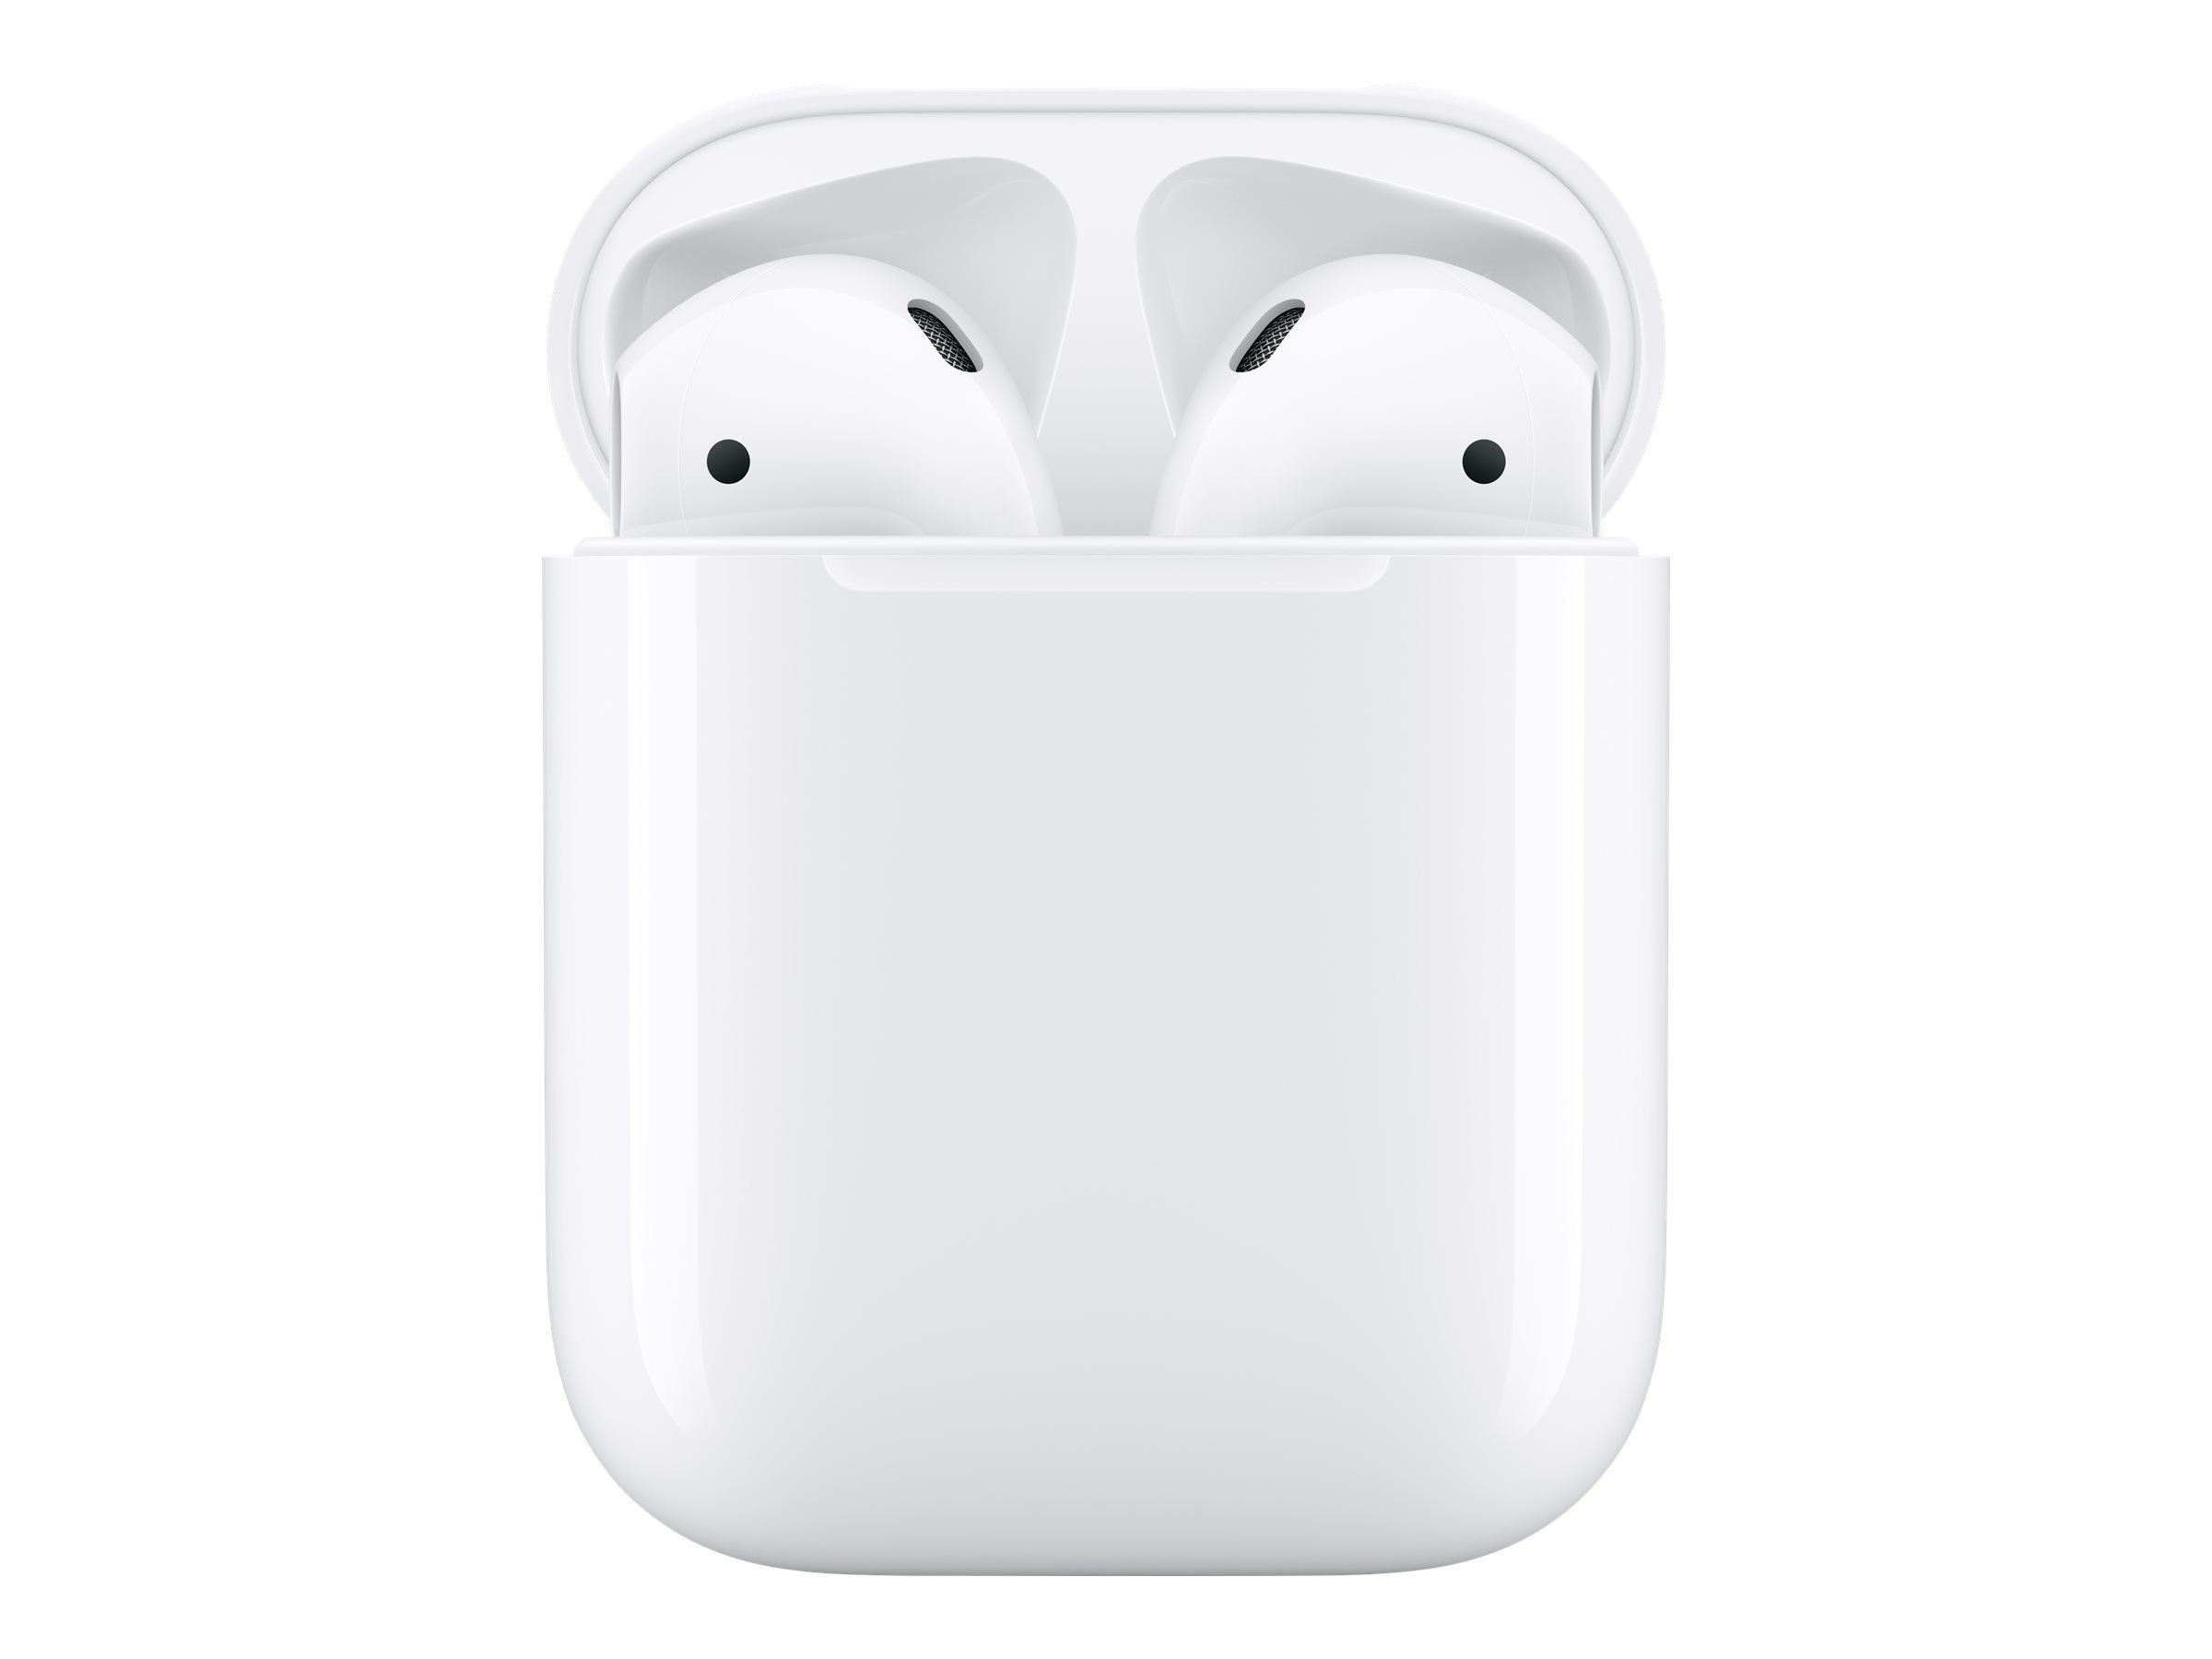 APPLE Airpods 2 - Ecouteurs sans fil bluetooth avec boitier de charge filaire pour iPhone/iPad/Mac